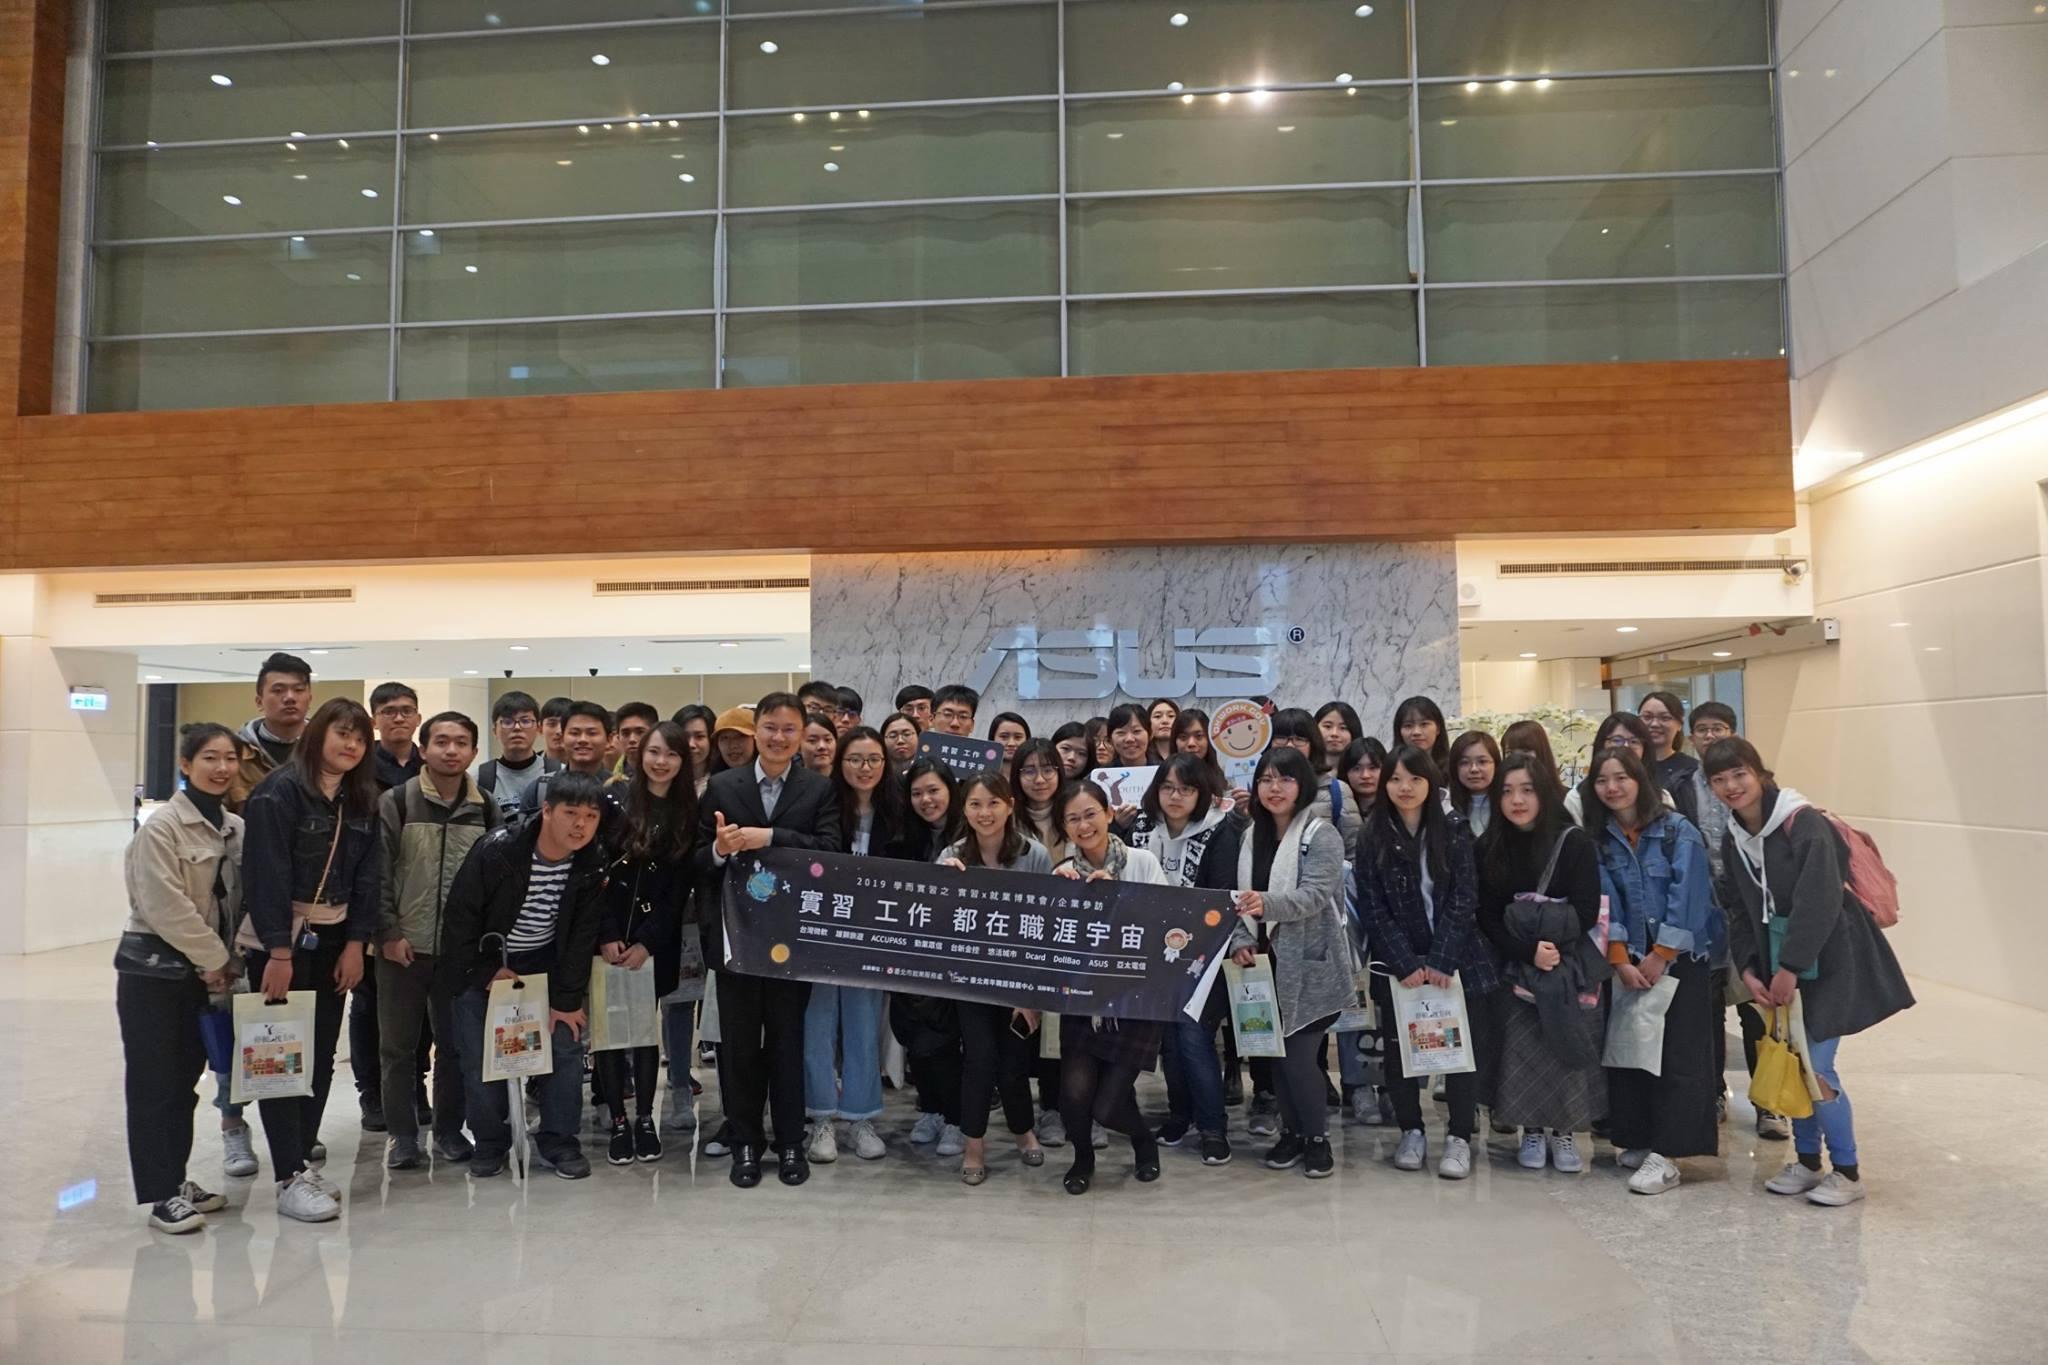 臺北市就業服務處臺北青年職涯發展中心於今(108)年辦理以實習為主題的企業參訪活動